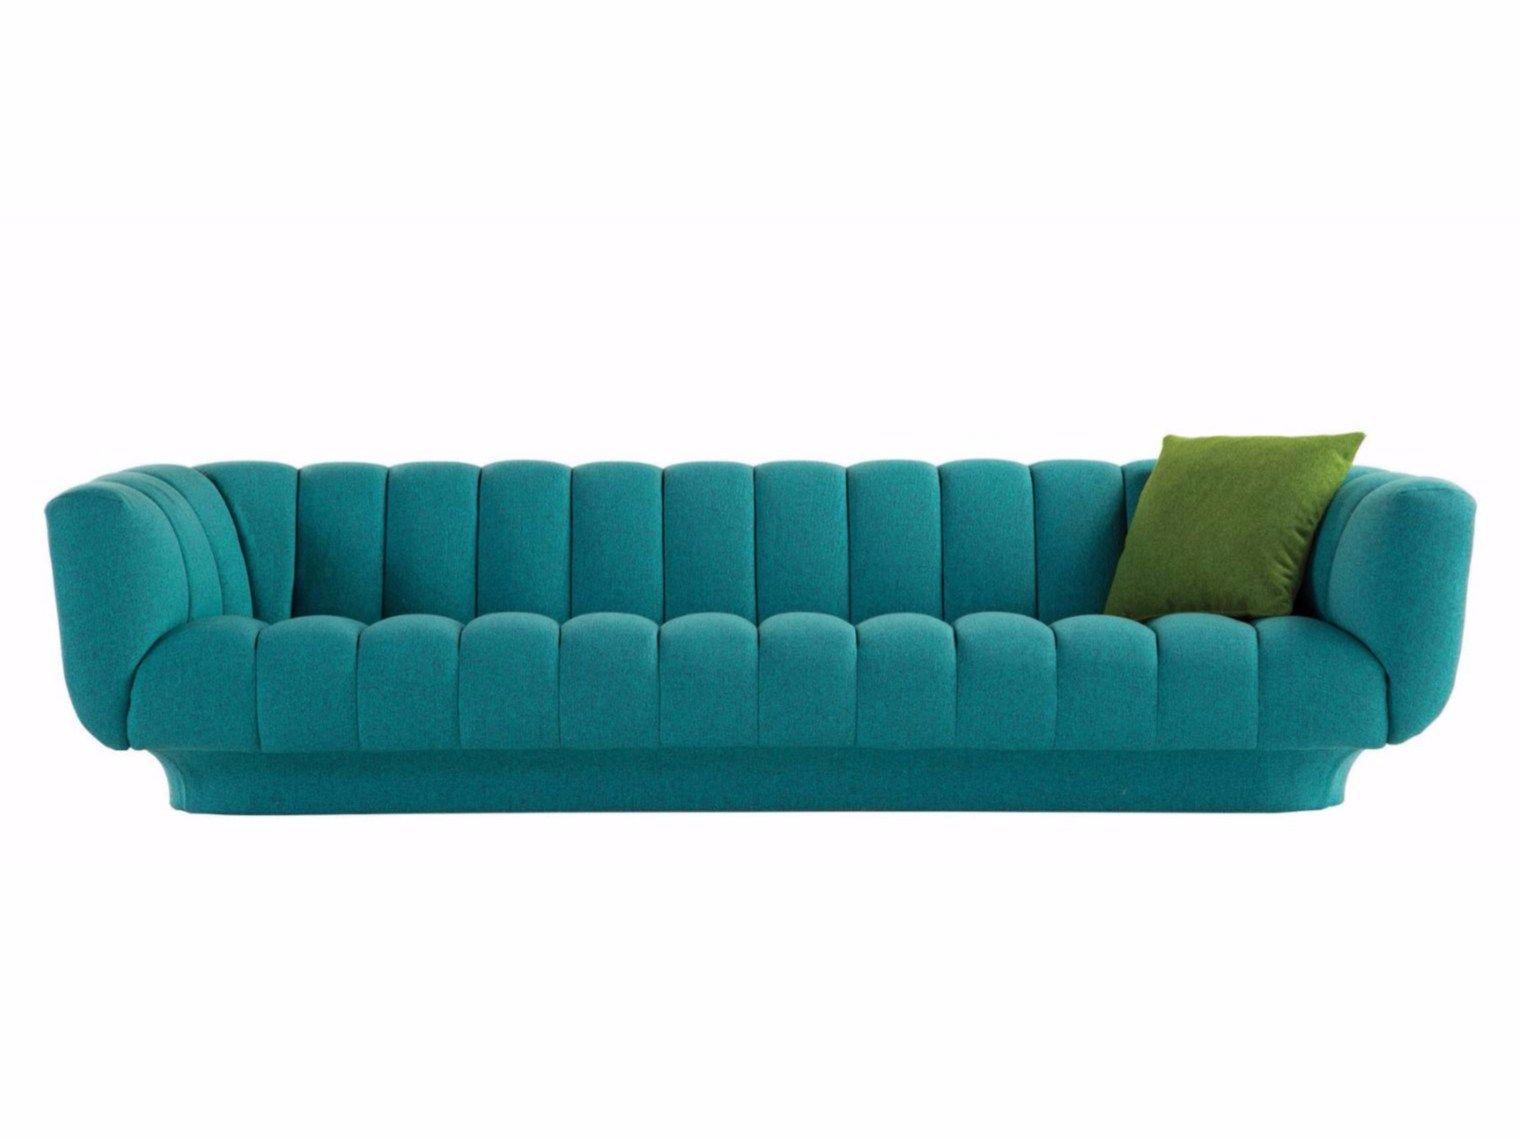 Corner sofa from Roche Bobois   houseofdesign.info